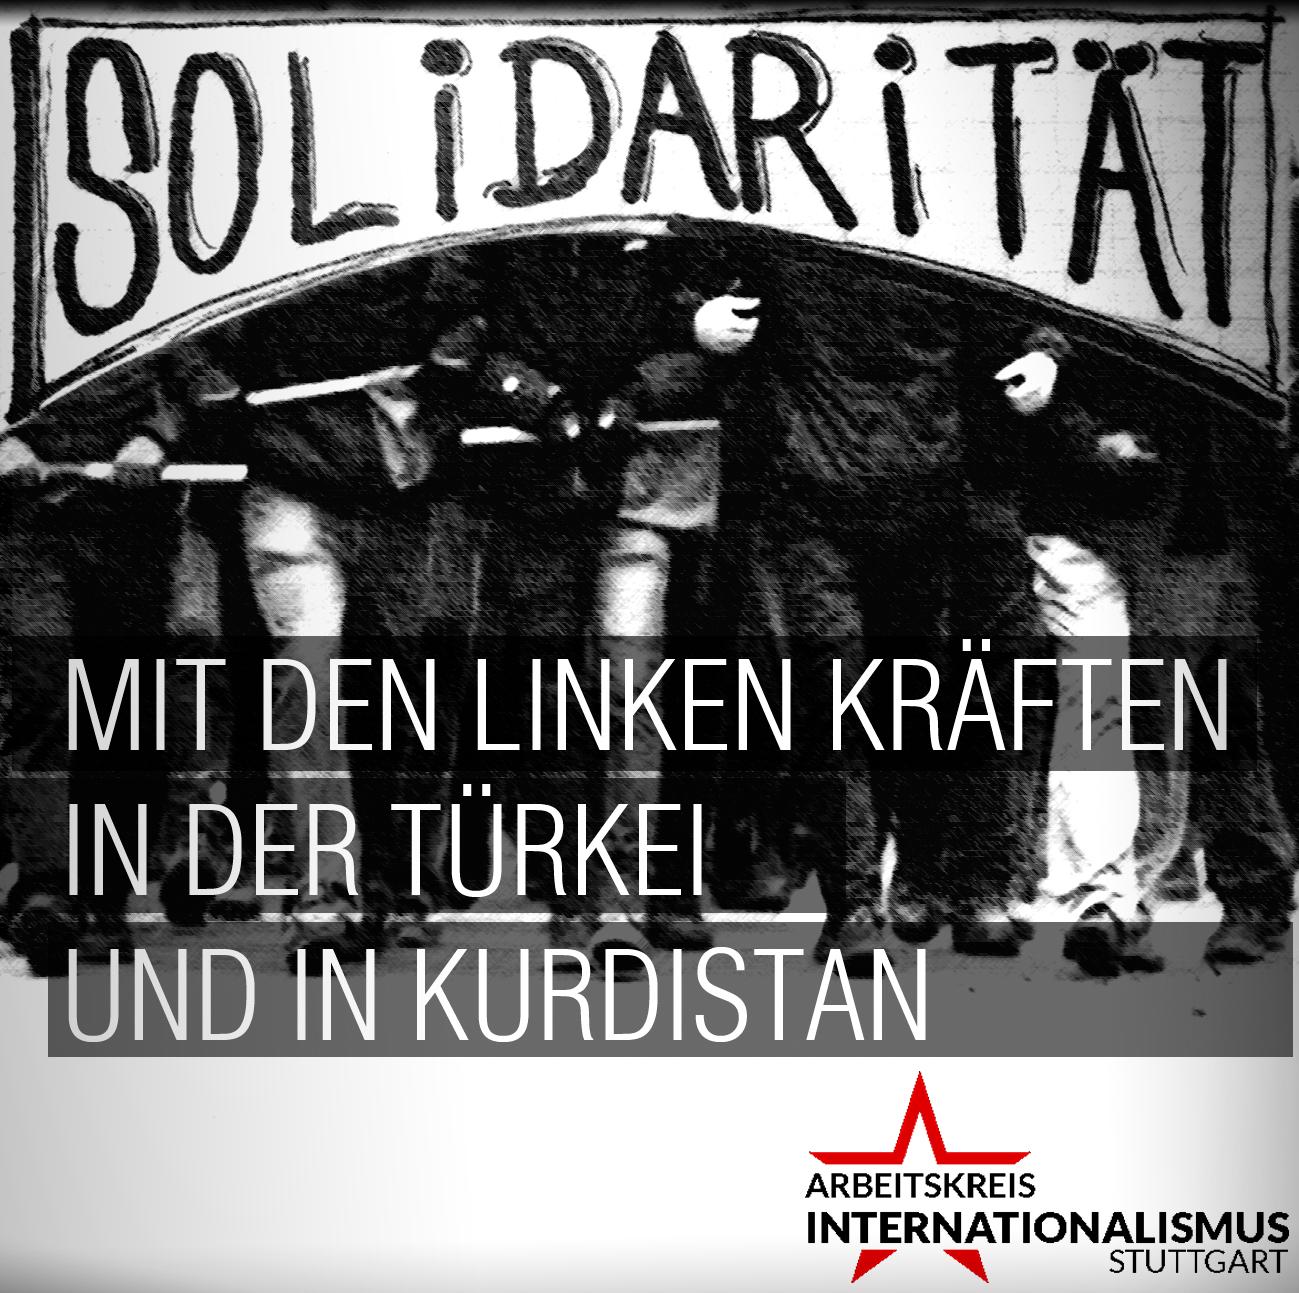 türk soli